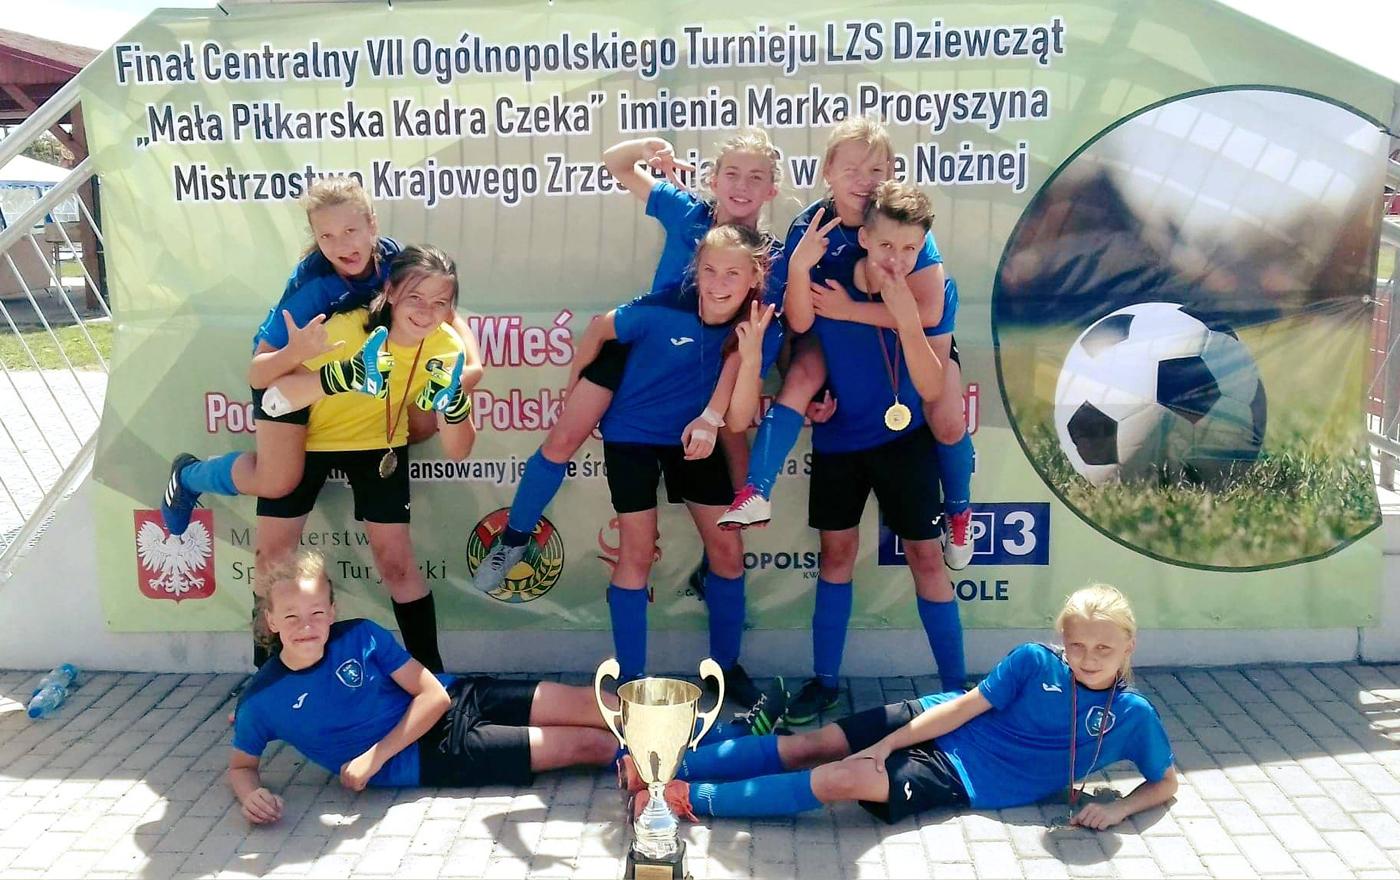 """KSP Kielce wygrało VII Ogólnopolski Turnieju LZS Dziewcząt """"Mała Piłkarska Kadra Czeka"""" im.Marka Procyszyna"""